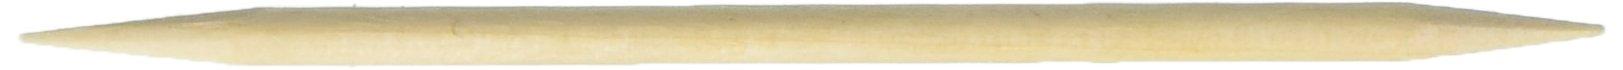 2816 DBL Pointed Round Toothpicks